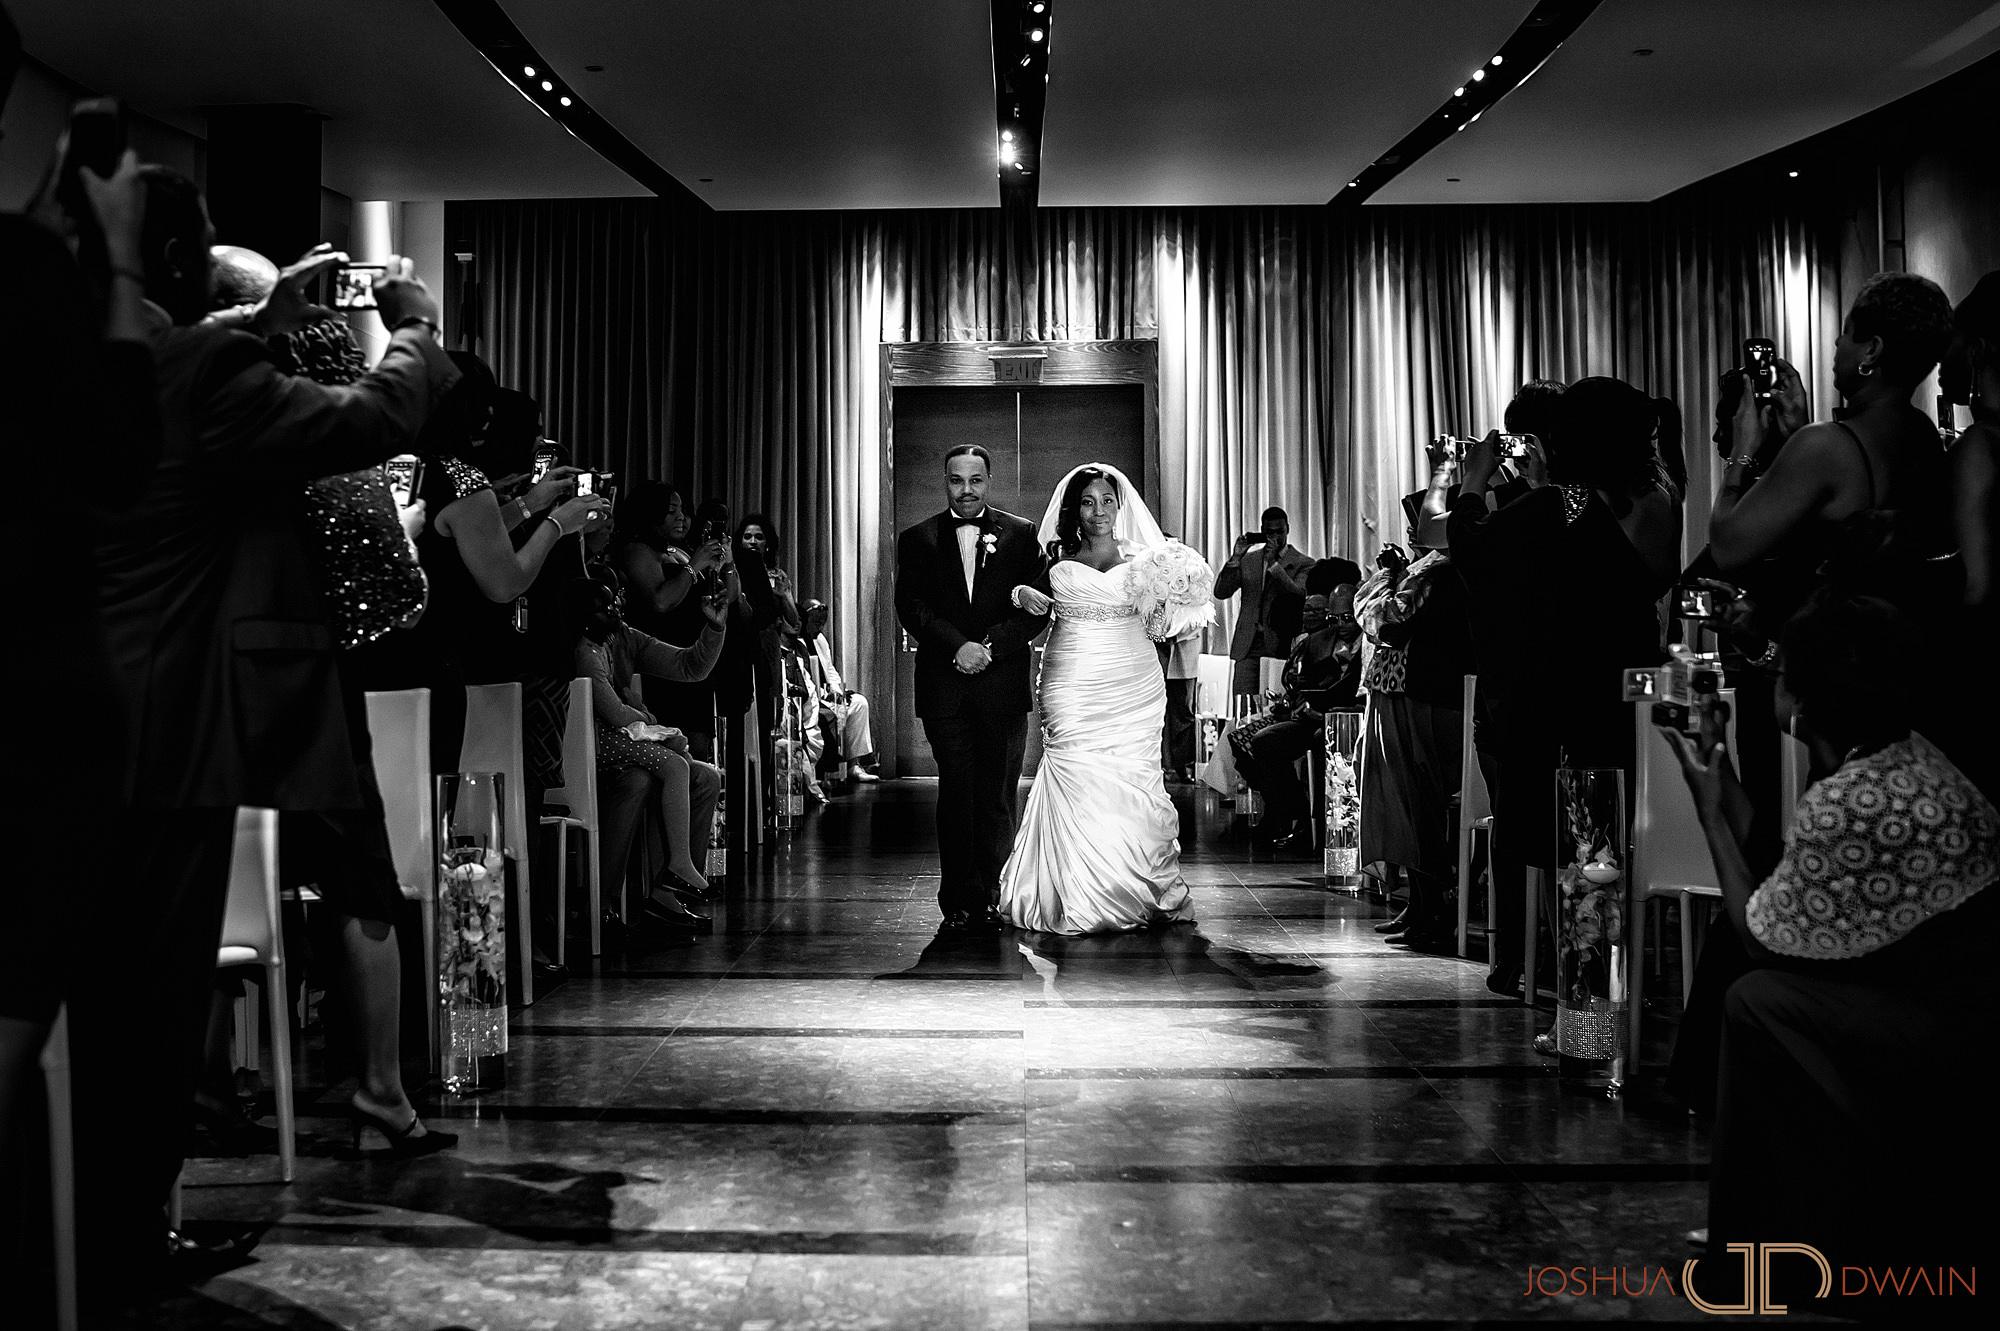 Leah & Chris' Wedding at One Atlantic in Atlantic City, NJ